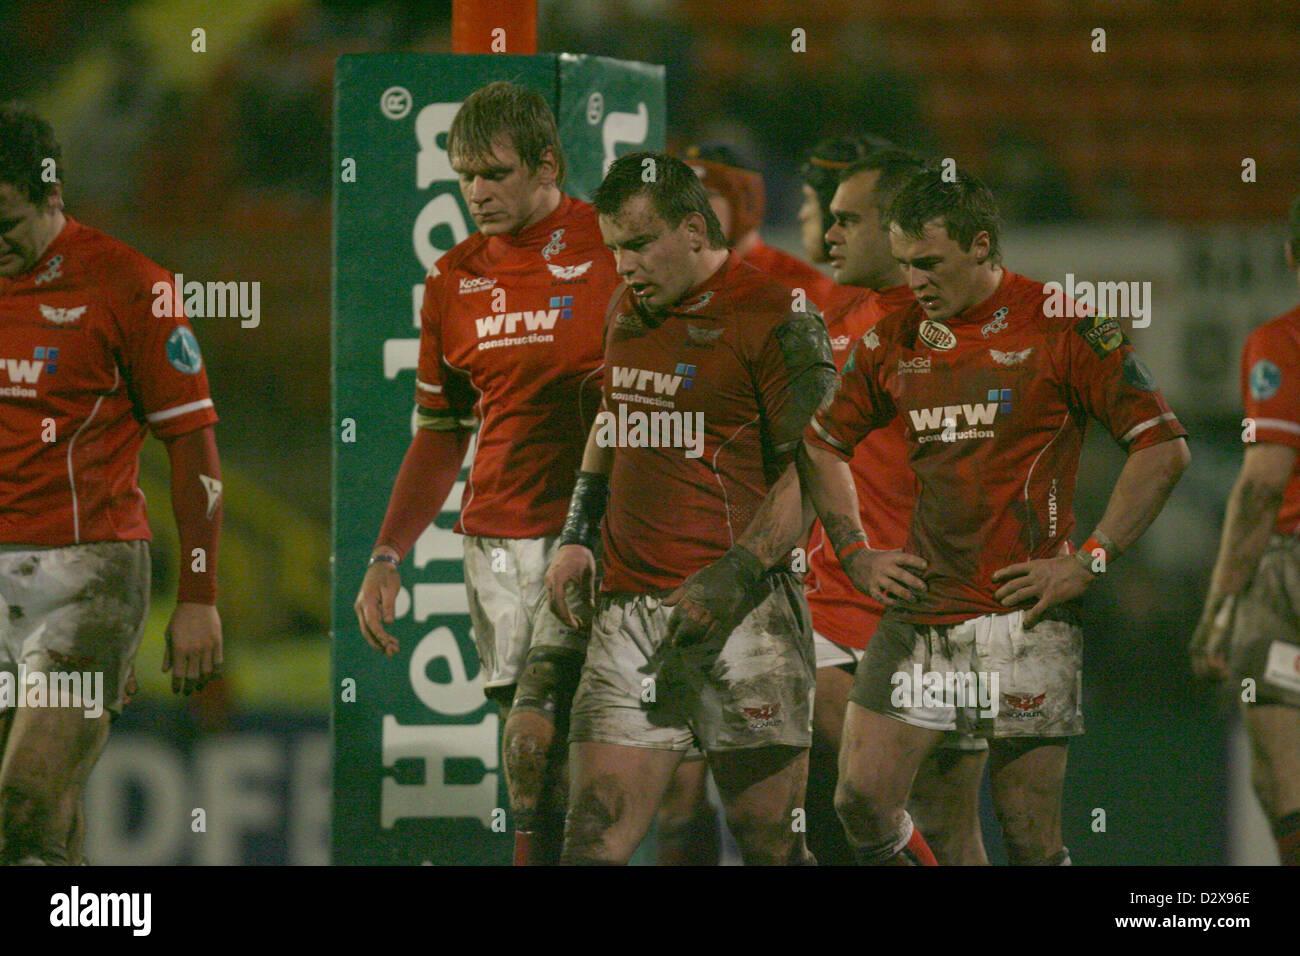 19.01.08. Scarlets v Clermont Auvergne. Un equipo Scarlets desanimado mire como Clermont avanzar. Imagen De Stock